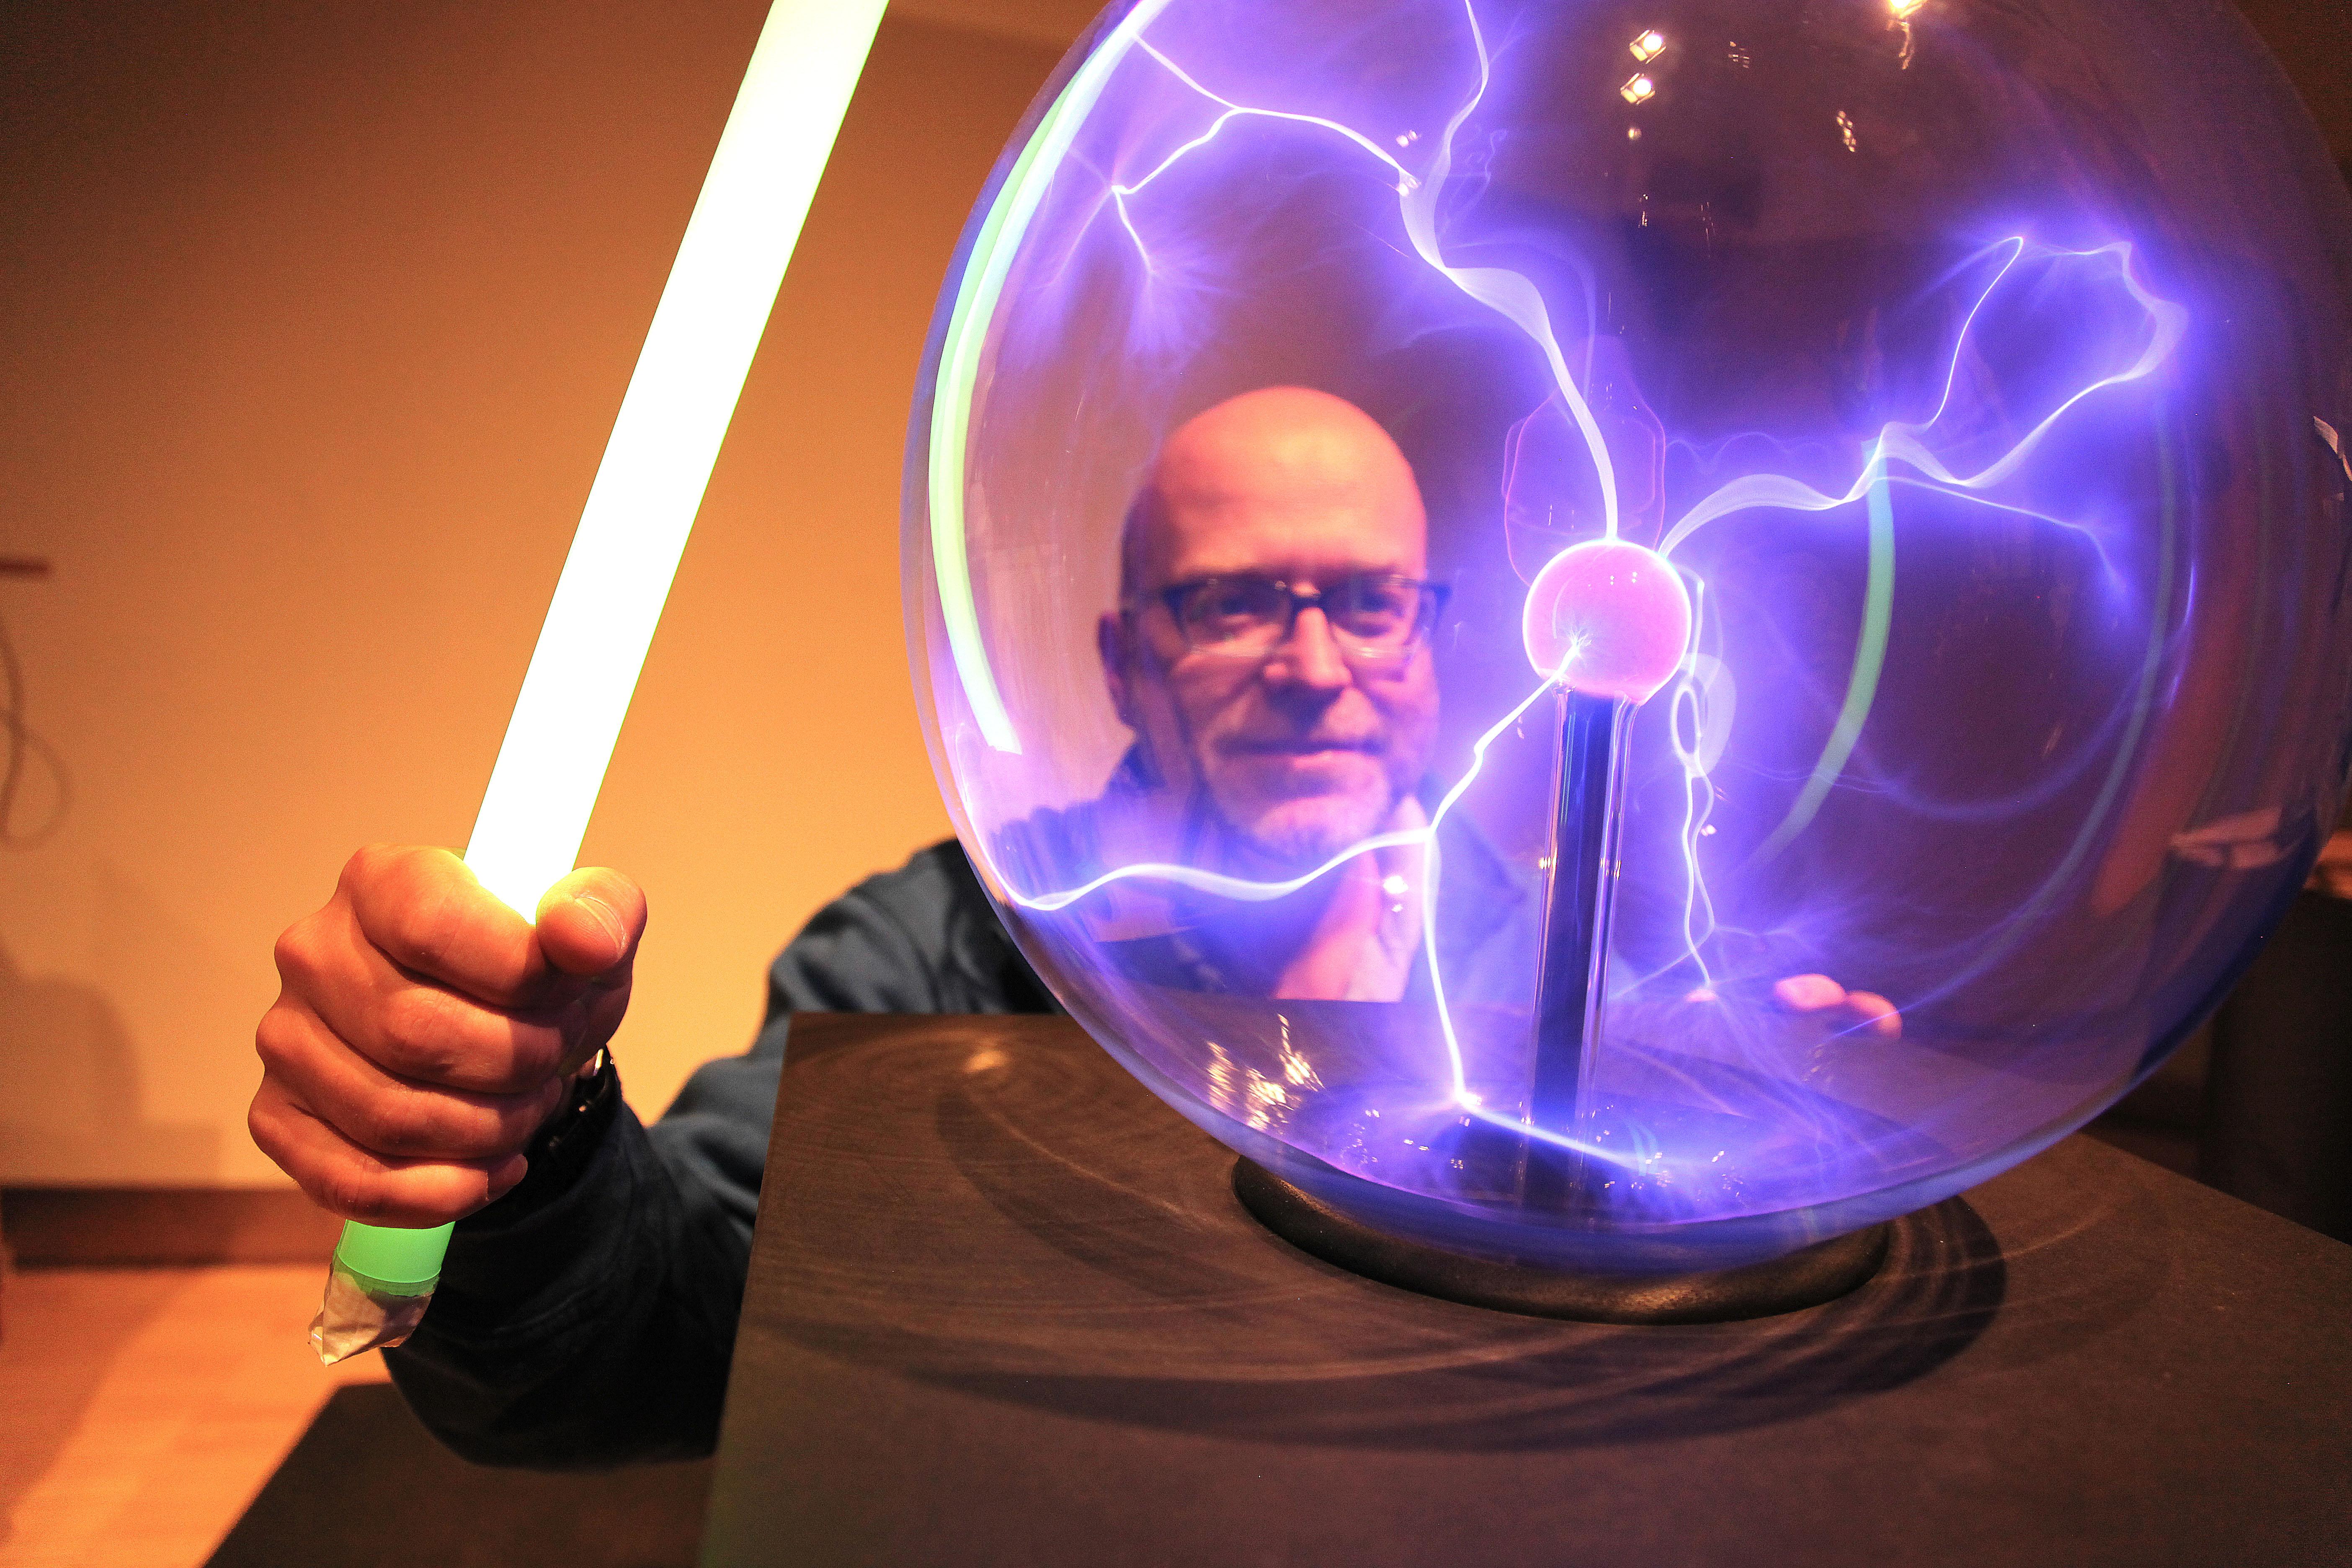 Das Bild zeigt einen Mann vor einer Plasmakugel. Die gläserne Kugel ist von der Mitte zum Rand mit kleinen, lilanen Blitzen durchzogen.